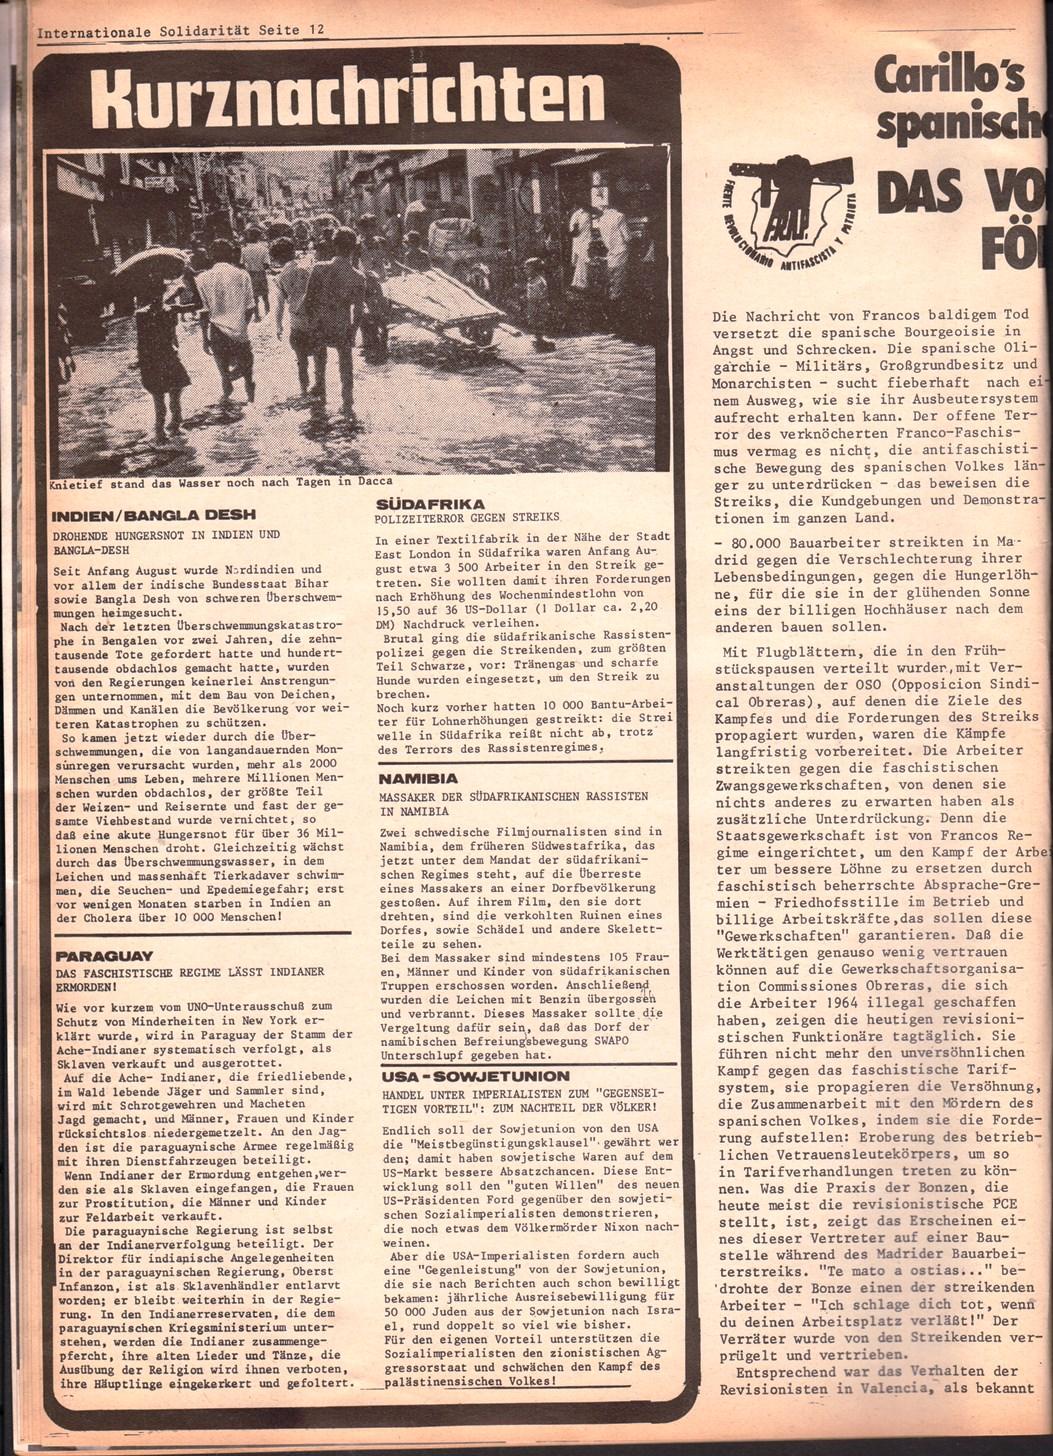 Liga_IS_1974_09_12